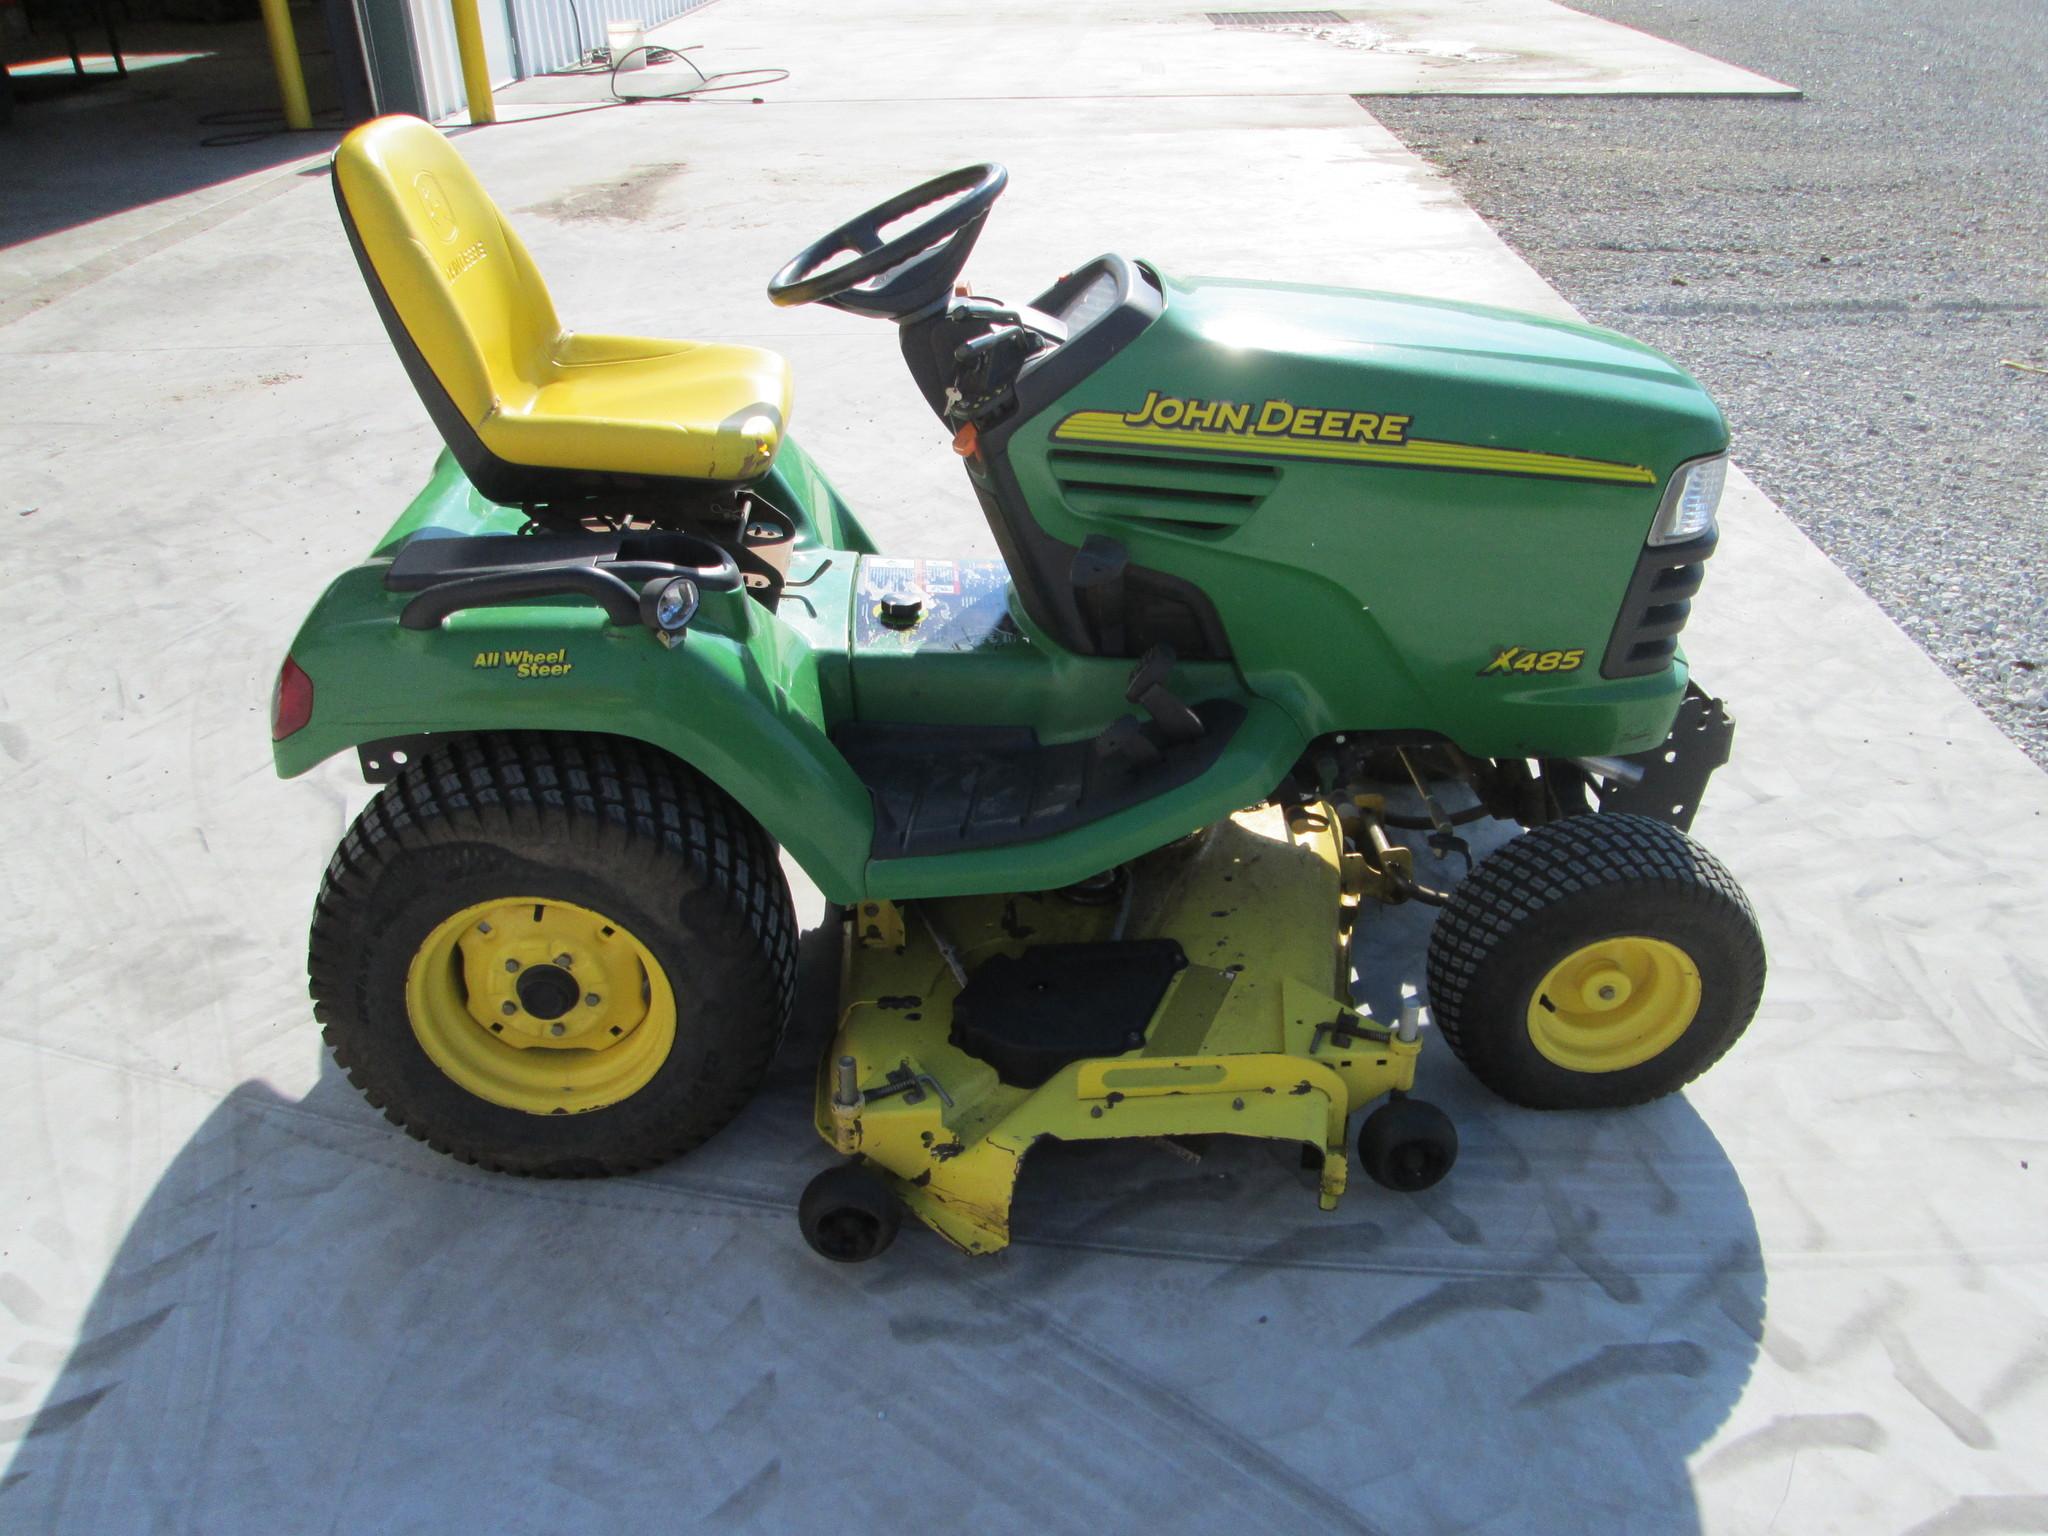 John Deere X485 Lawn & Garden Tractors for Sale | [49332]